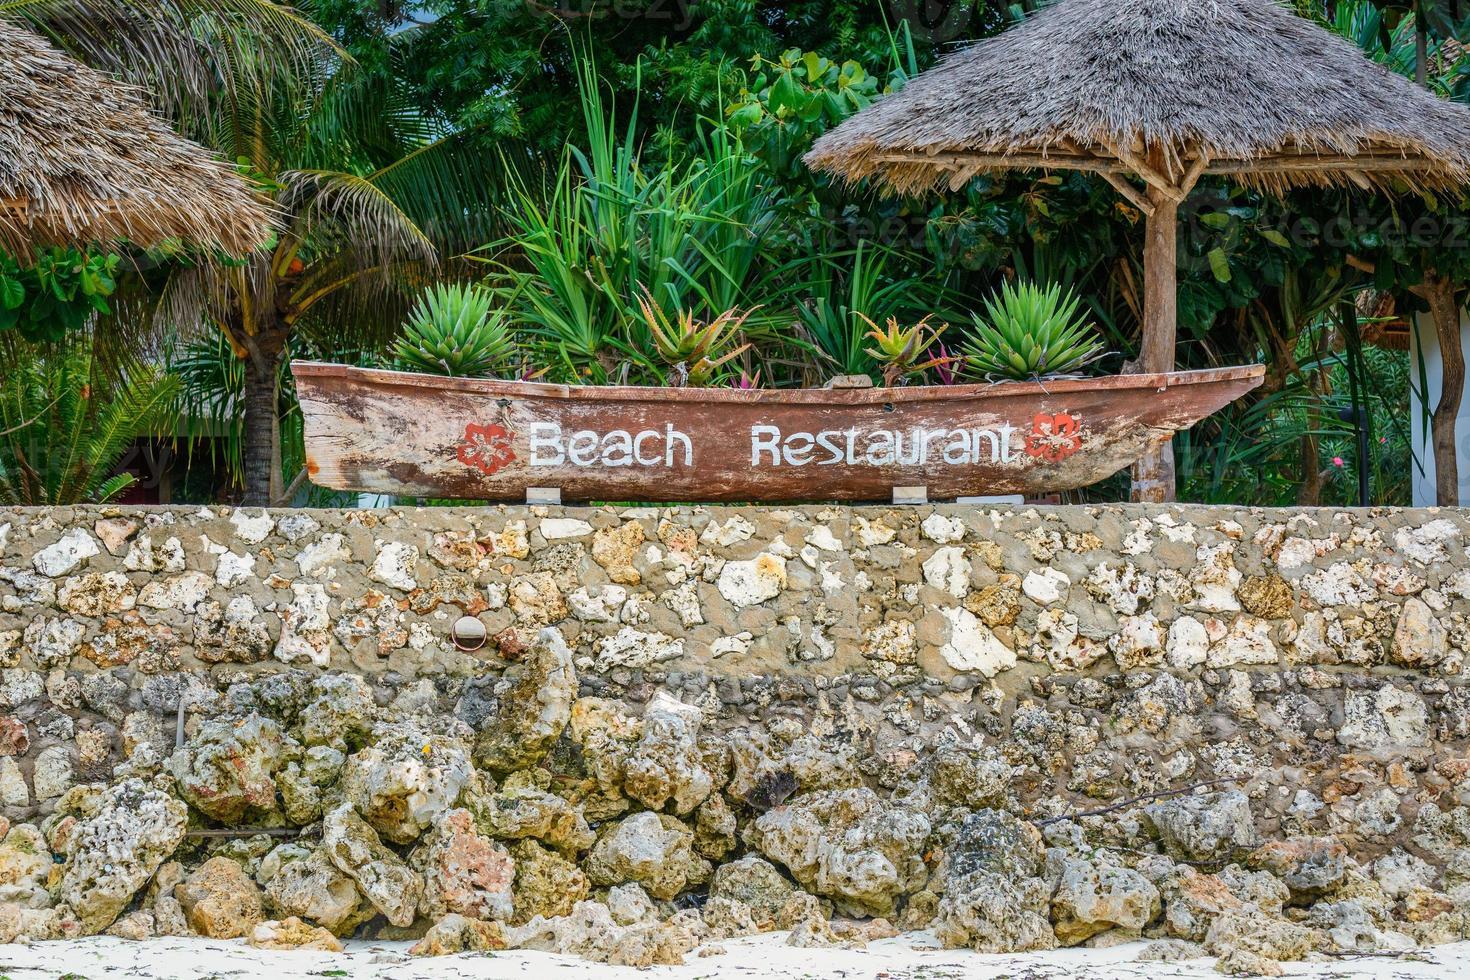 strand restaurant teken foto